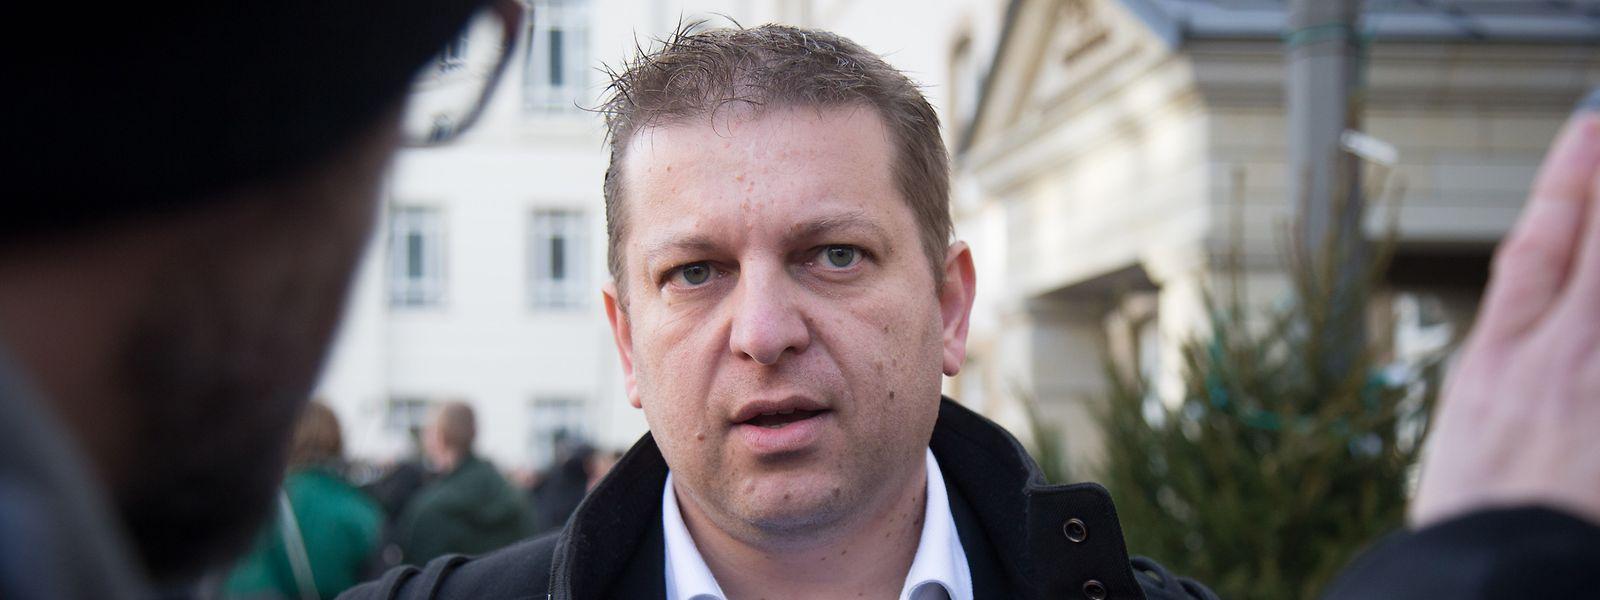 Saisie par Raphaël Halet, la CDEH a estimé mardi que les juridictions luxembourgeoises avaient infligé au lanceur d'alerte une sanction «relativement modérée».